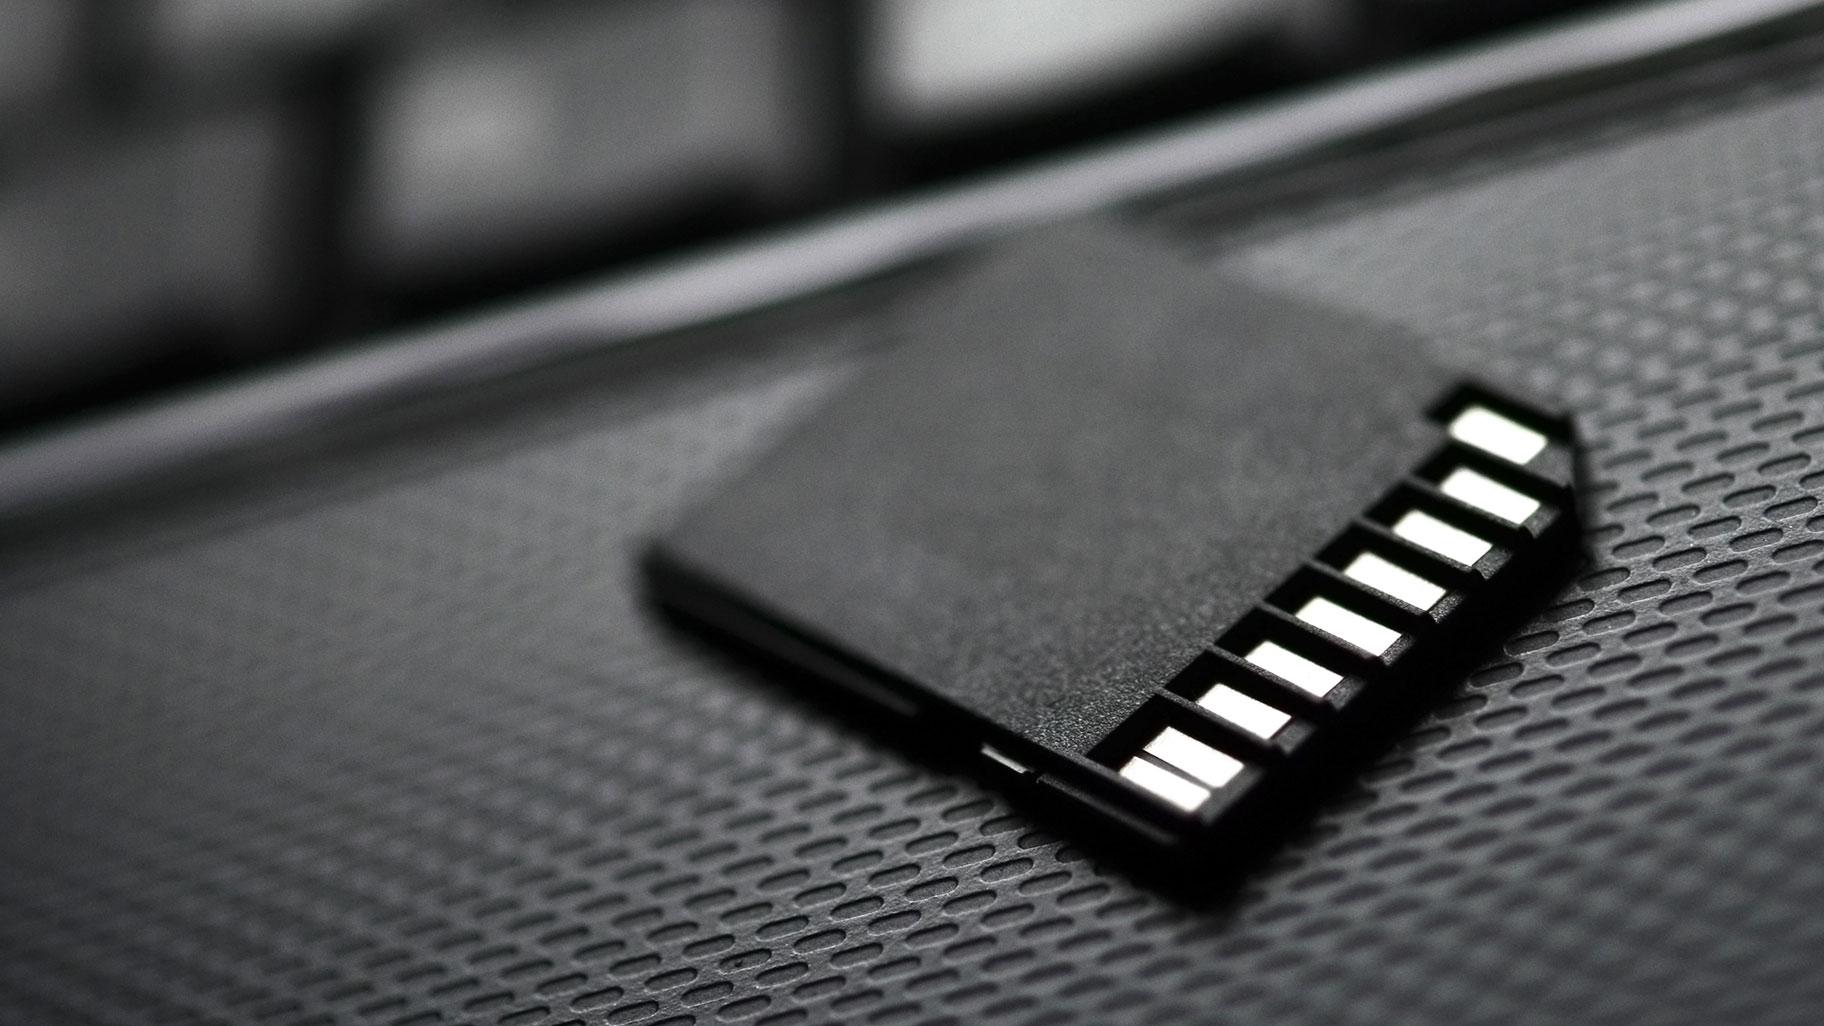 Android Sd Karte Schreibschutz Aufheben.Bei Sd Karte Schreibschutz Aufheben So Geht S